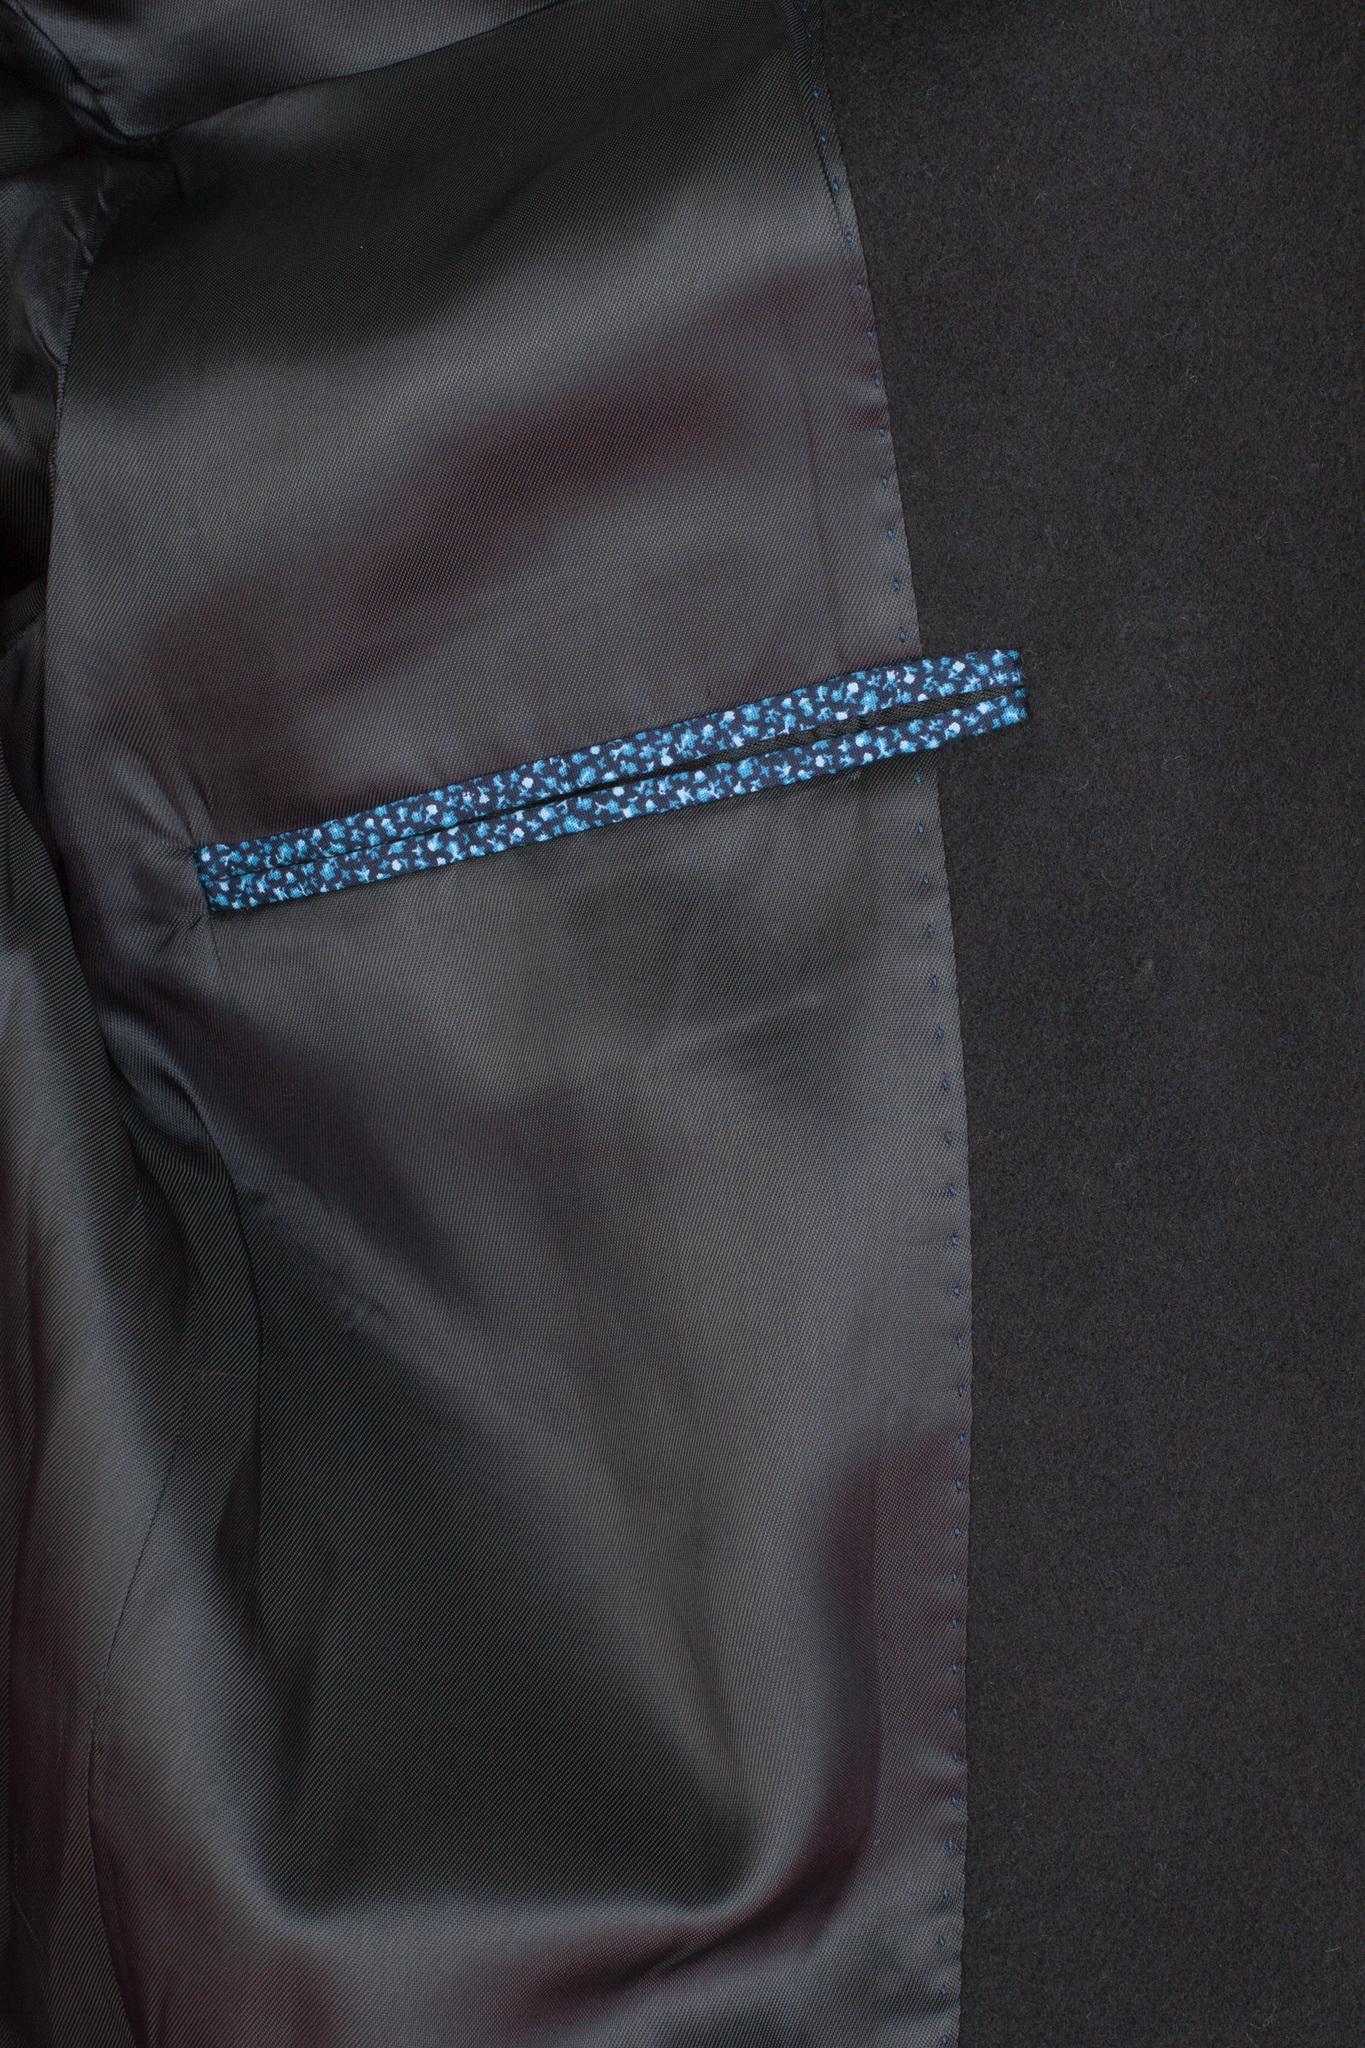 Тёмно-синее пальто узкого кроя из шерсти и кашемира, внутренний карман